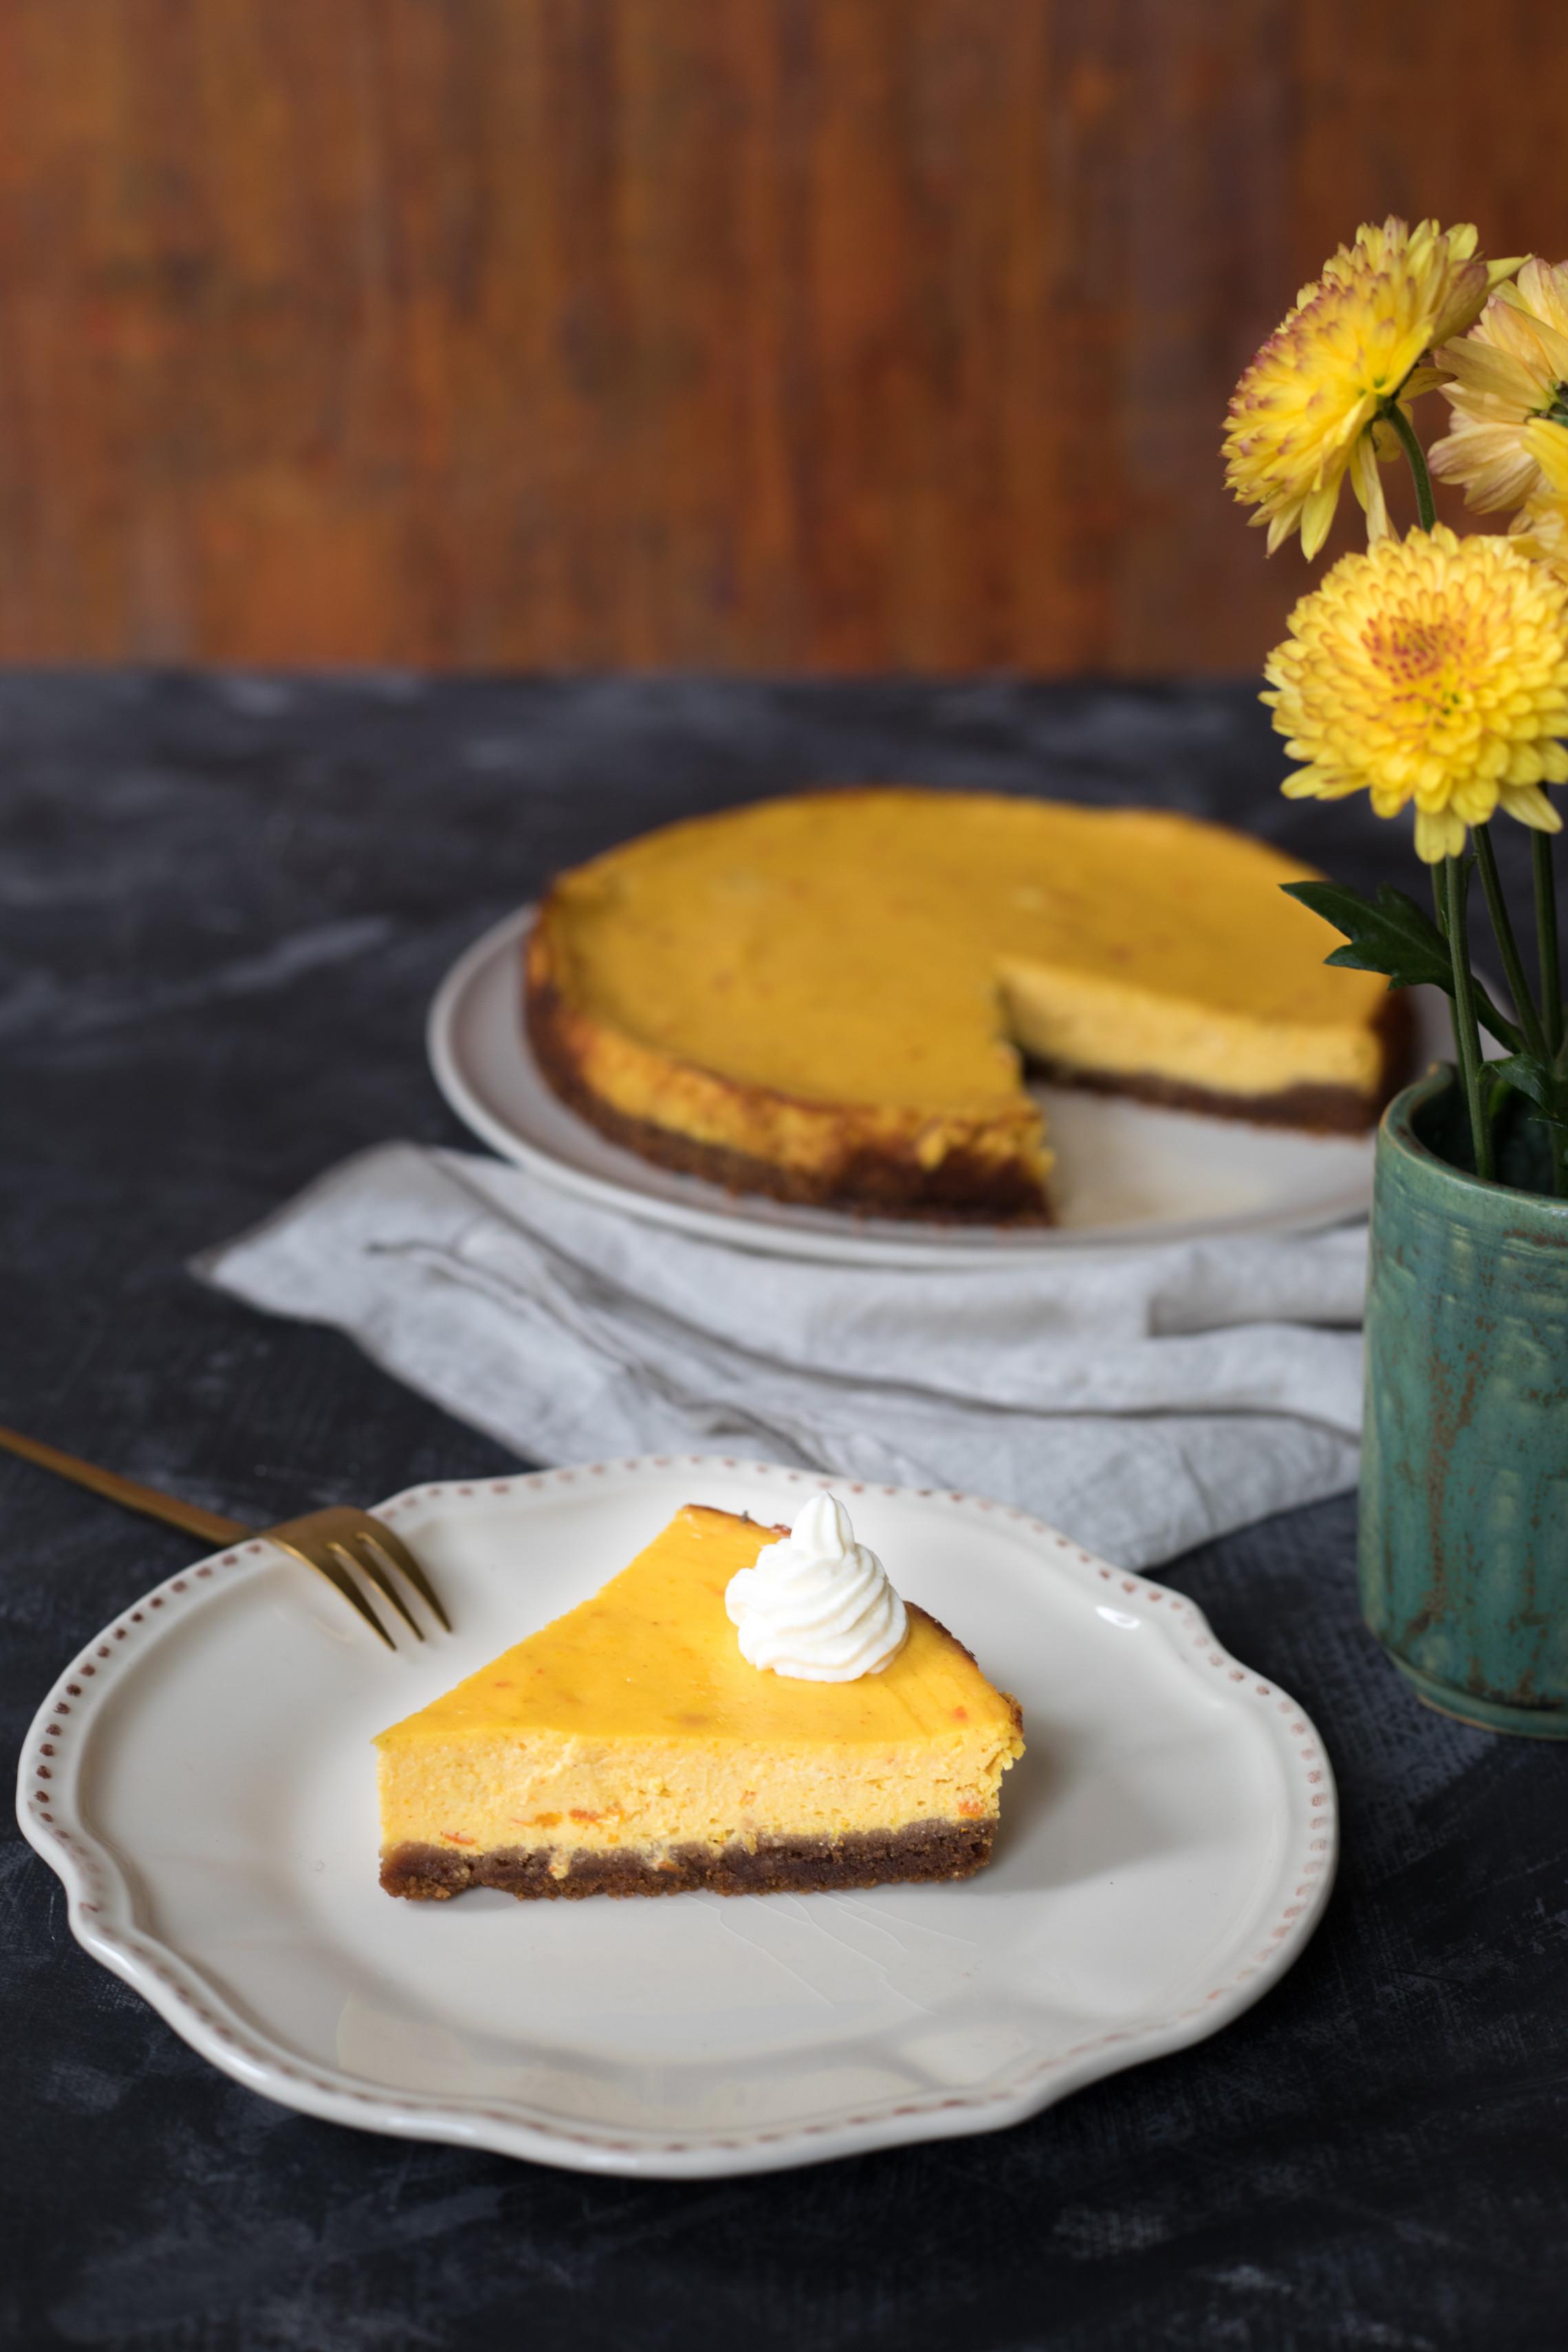 kuerbis-cheesecake-5